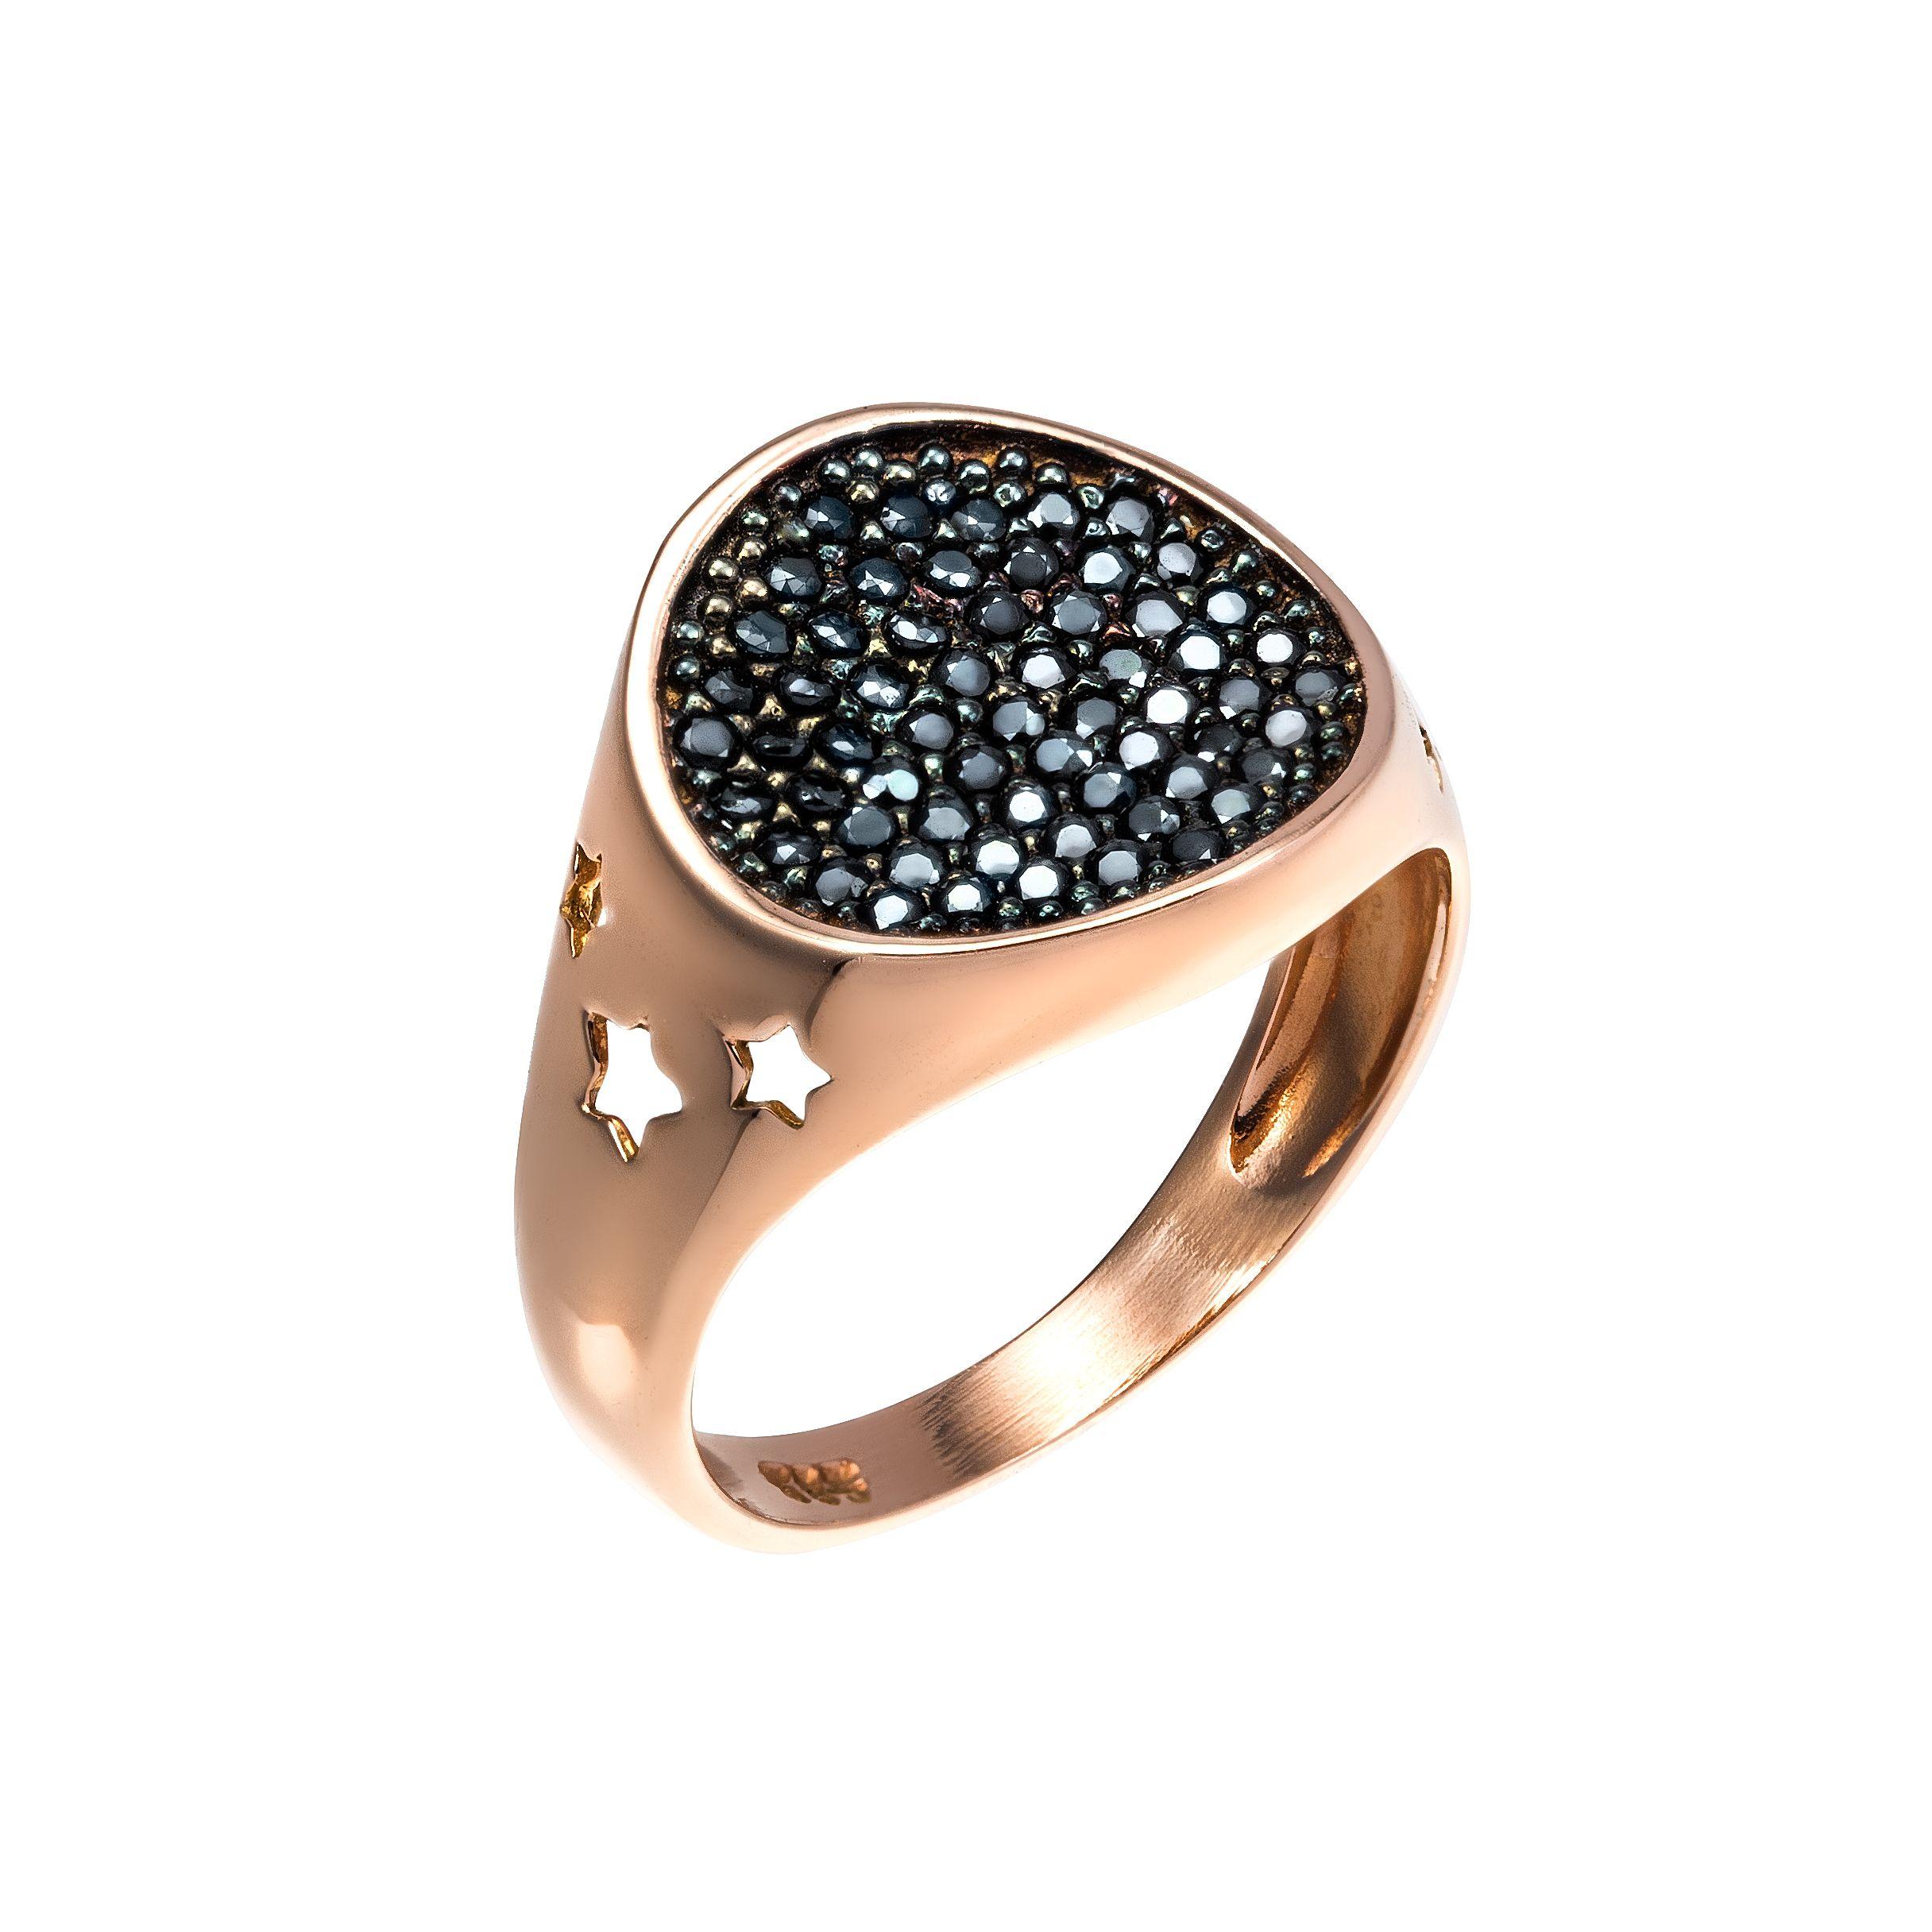 Δαχτυλίδι σεβαλιέ αστέρια - Seferos 8da9fb3c2a0